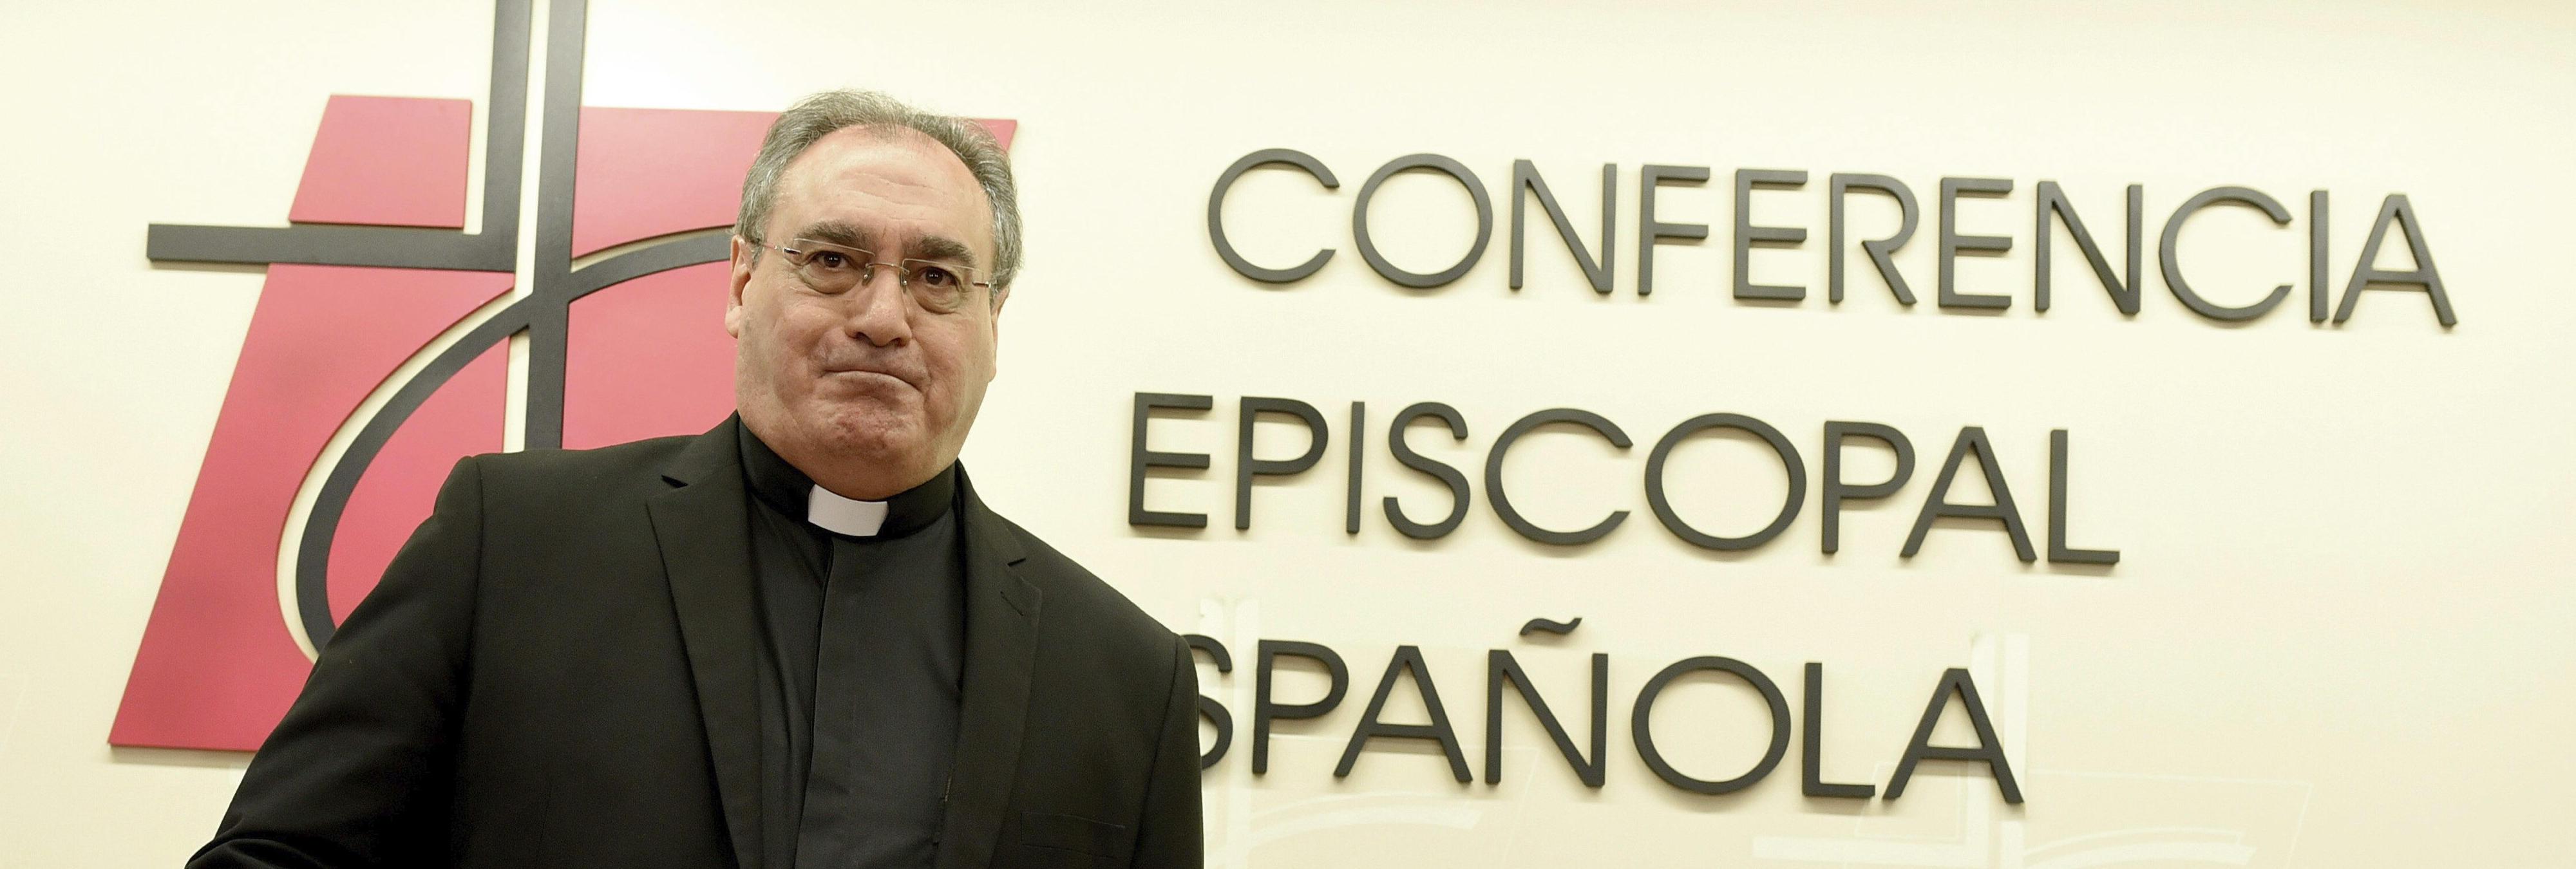 Los obispos recaudan 2.500 millones de euros de Hacienda desde el inicio de la crisis